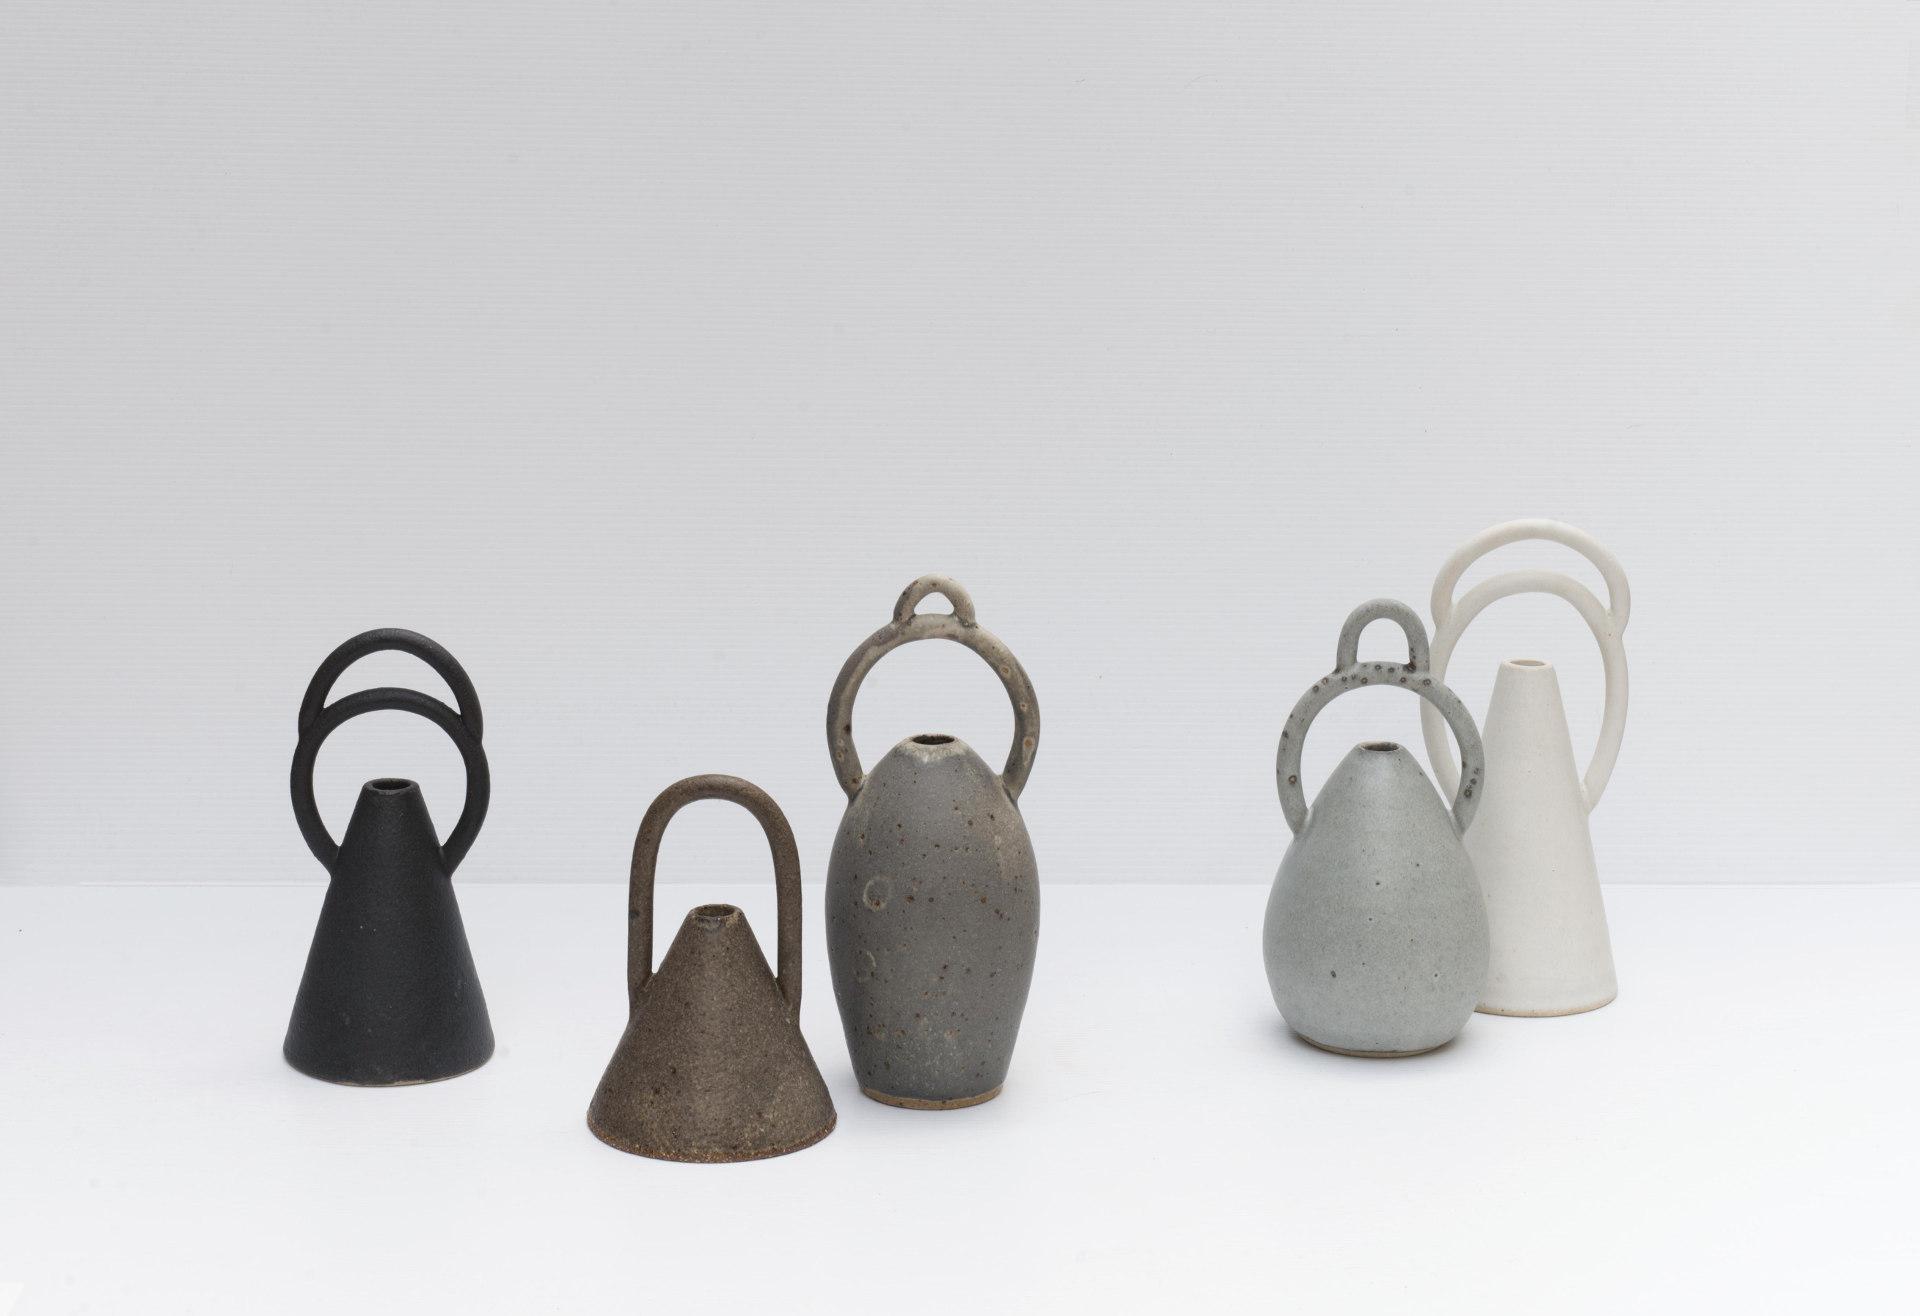 symbol-vases-2.jpg